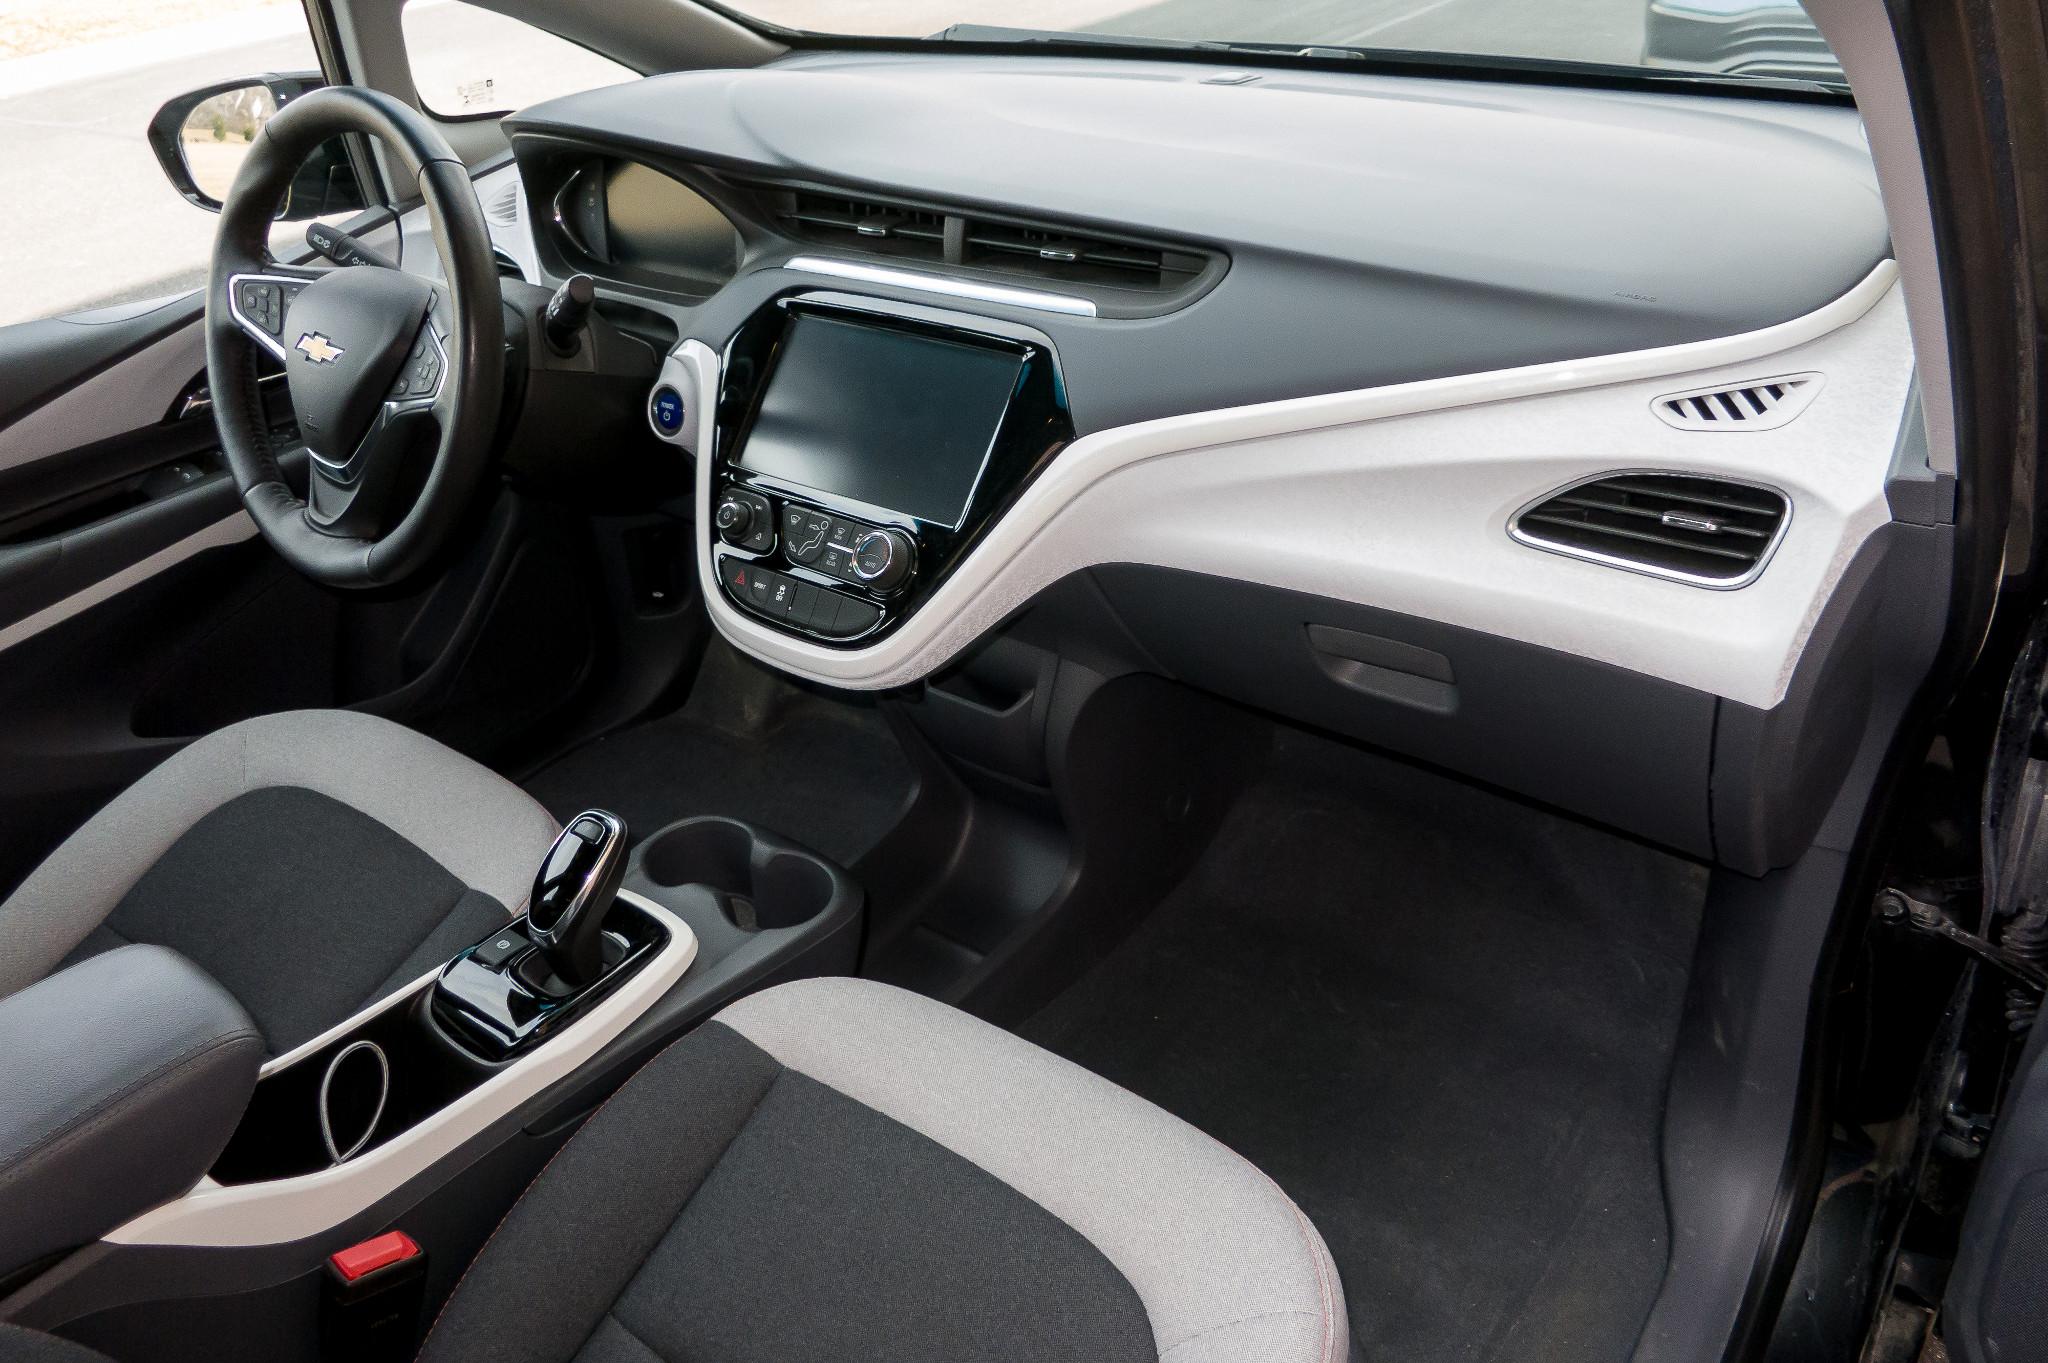 04-chevrolet-bolt-ev-2019-front-row--interior.jpg